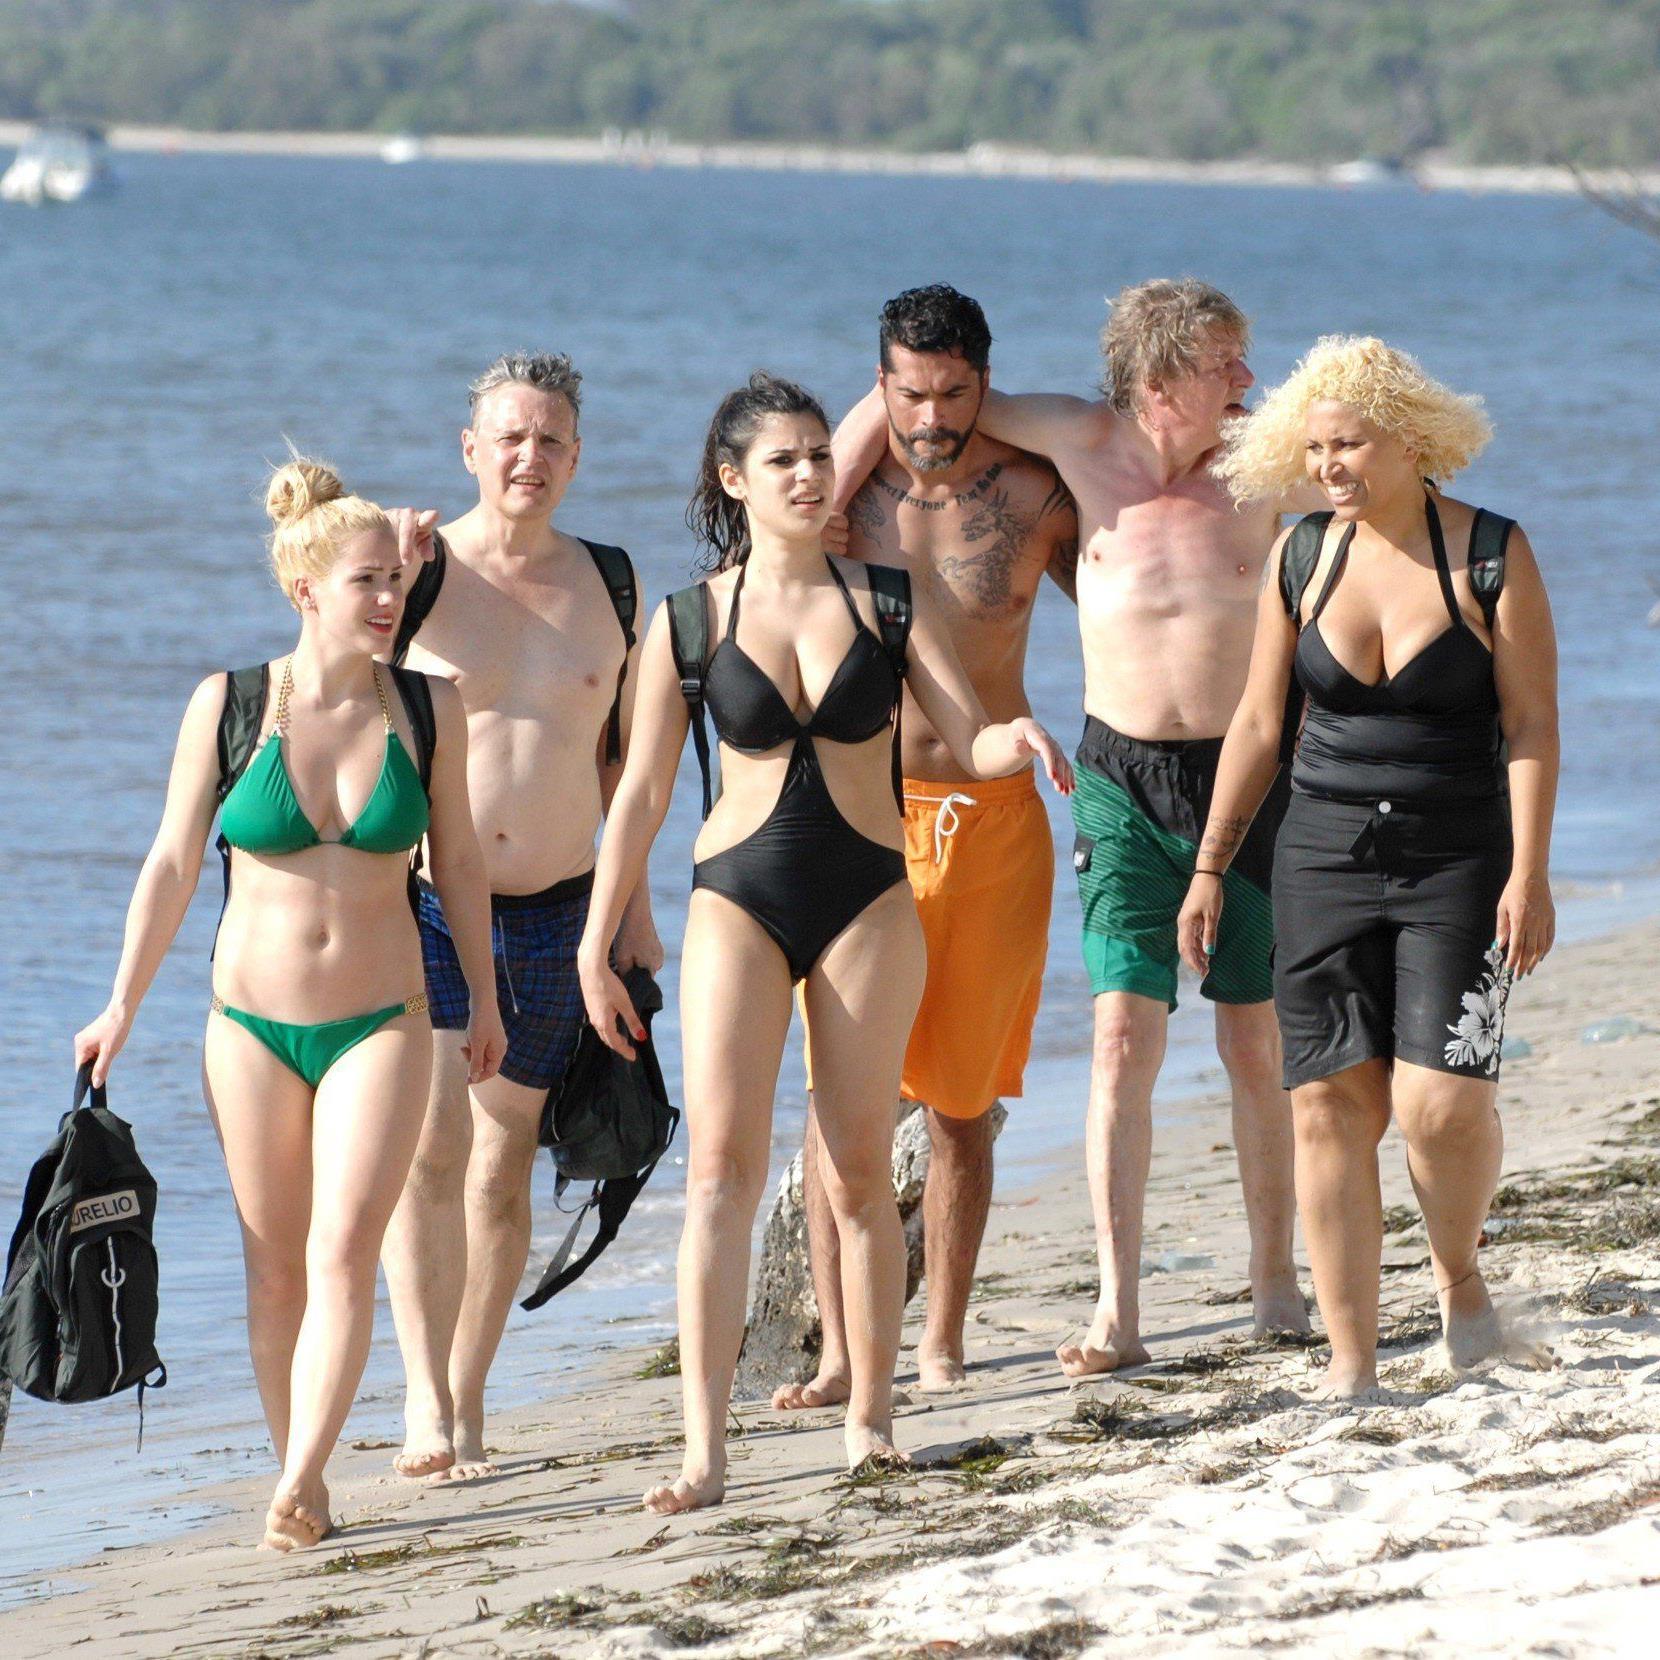 Der Weg ins Camp: Für sechs der elf Dschungel-Camper beginnt das Abenteuer mit einem Sprung ins kalte Wasser.